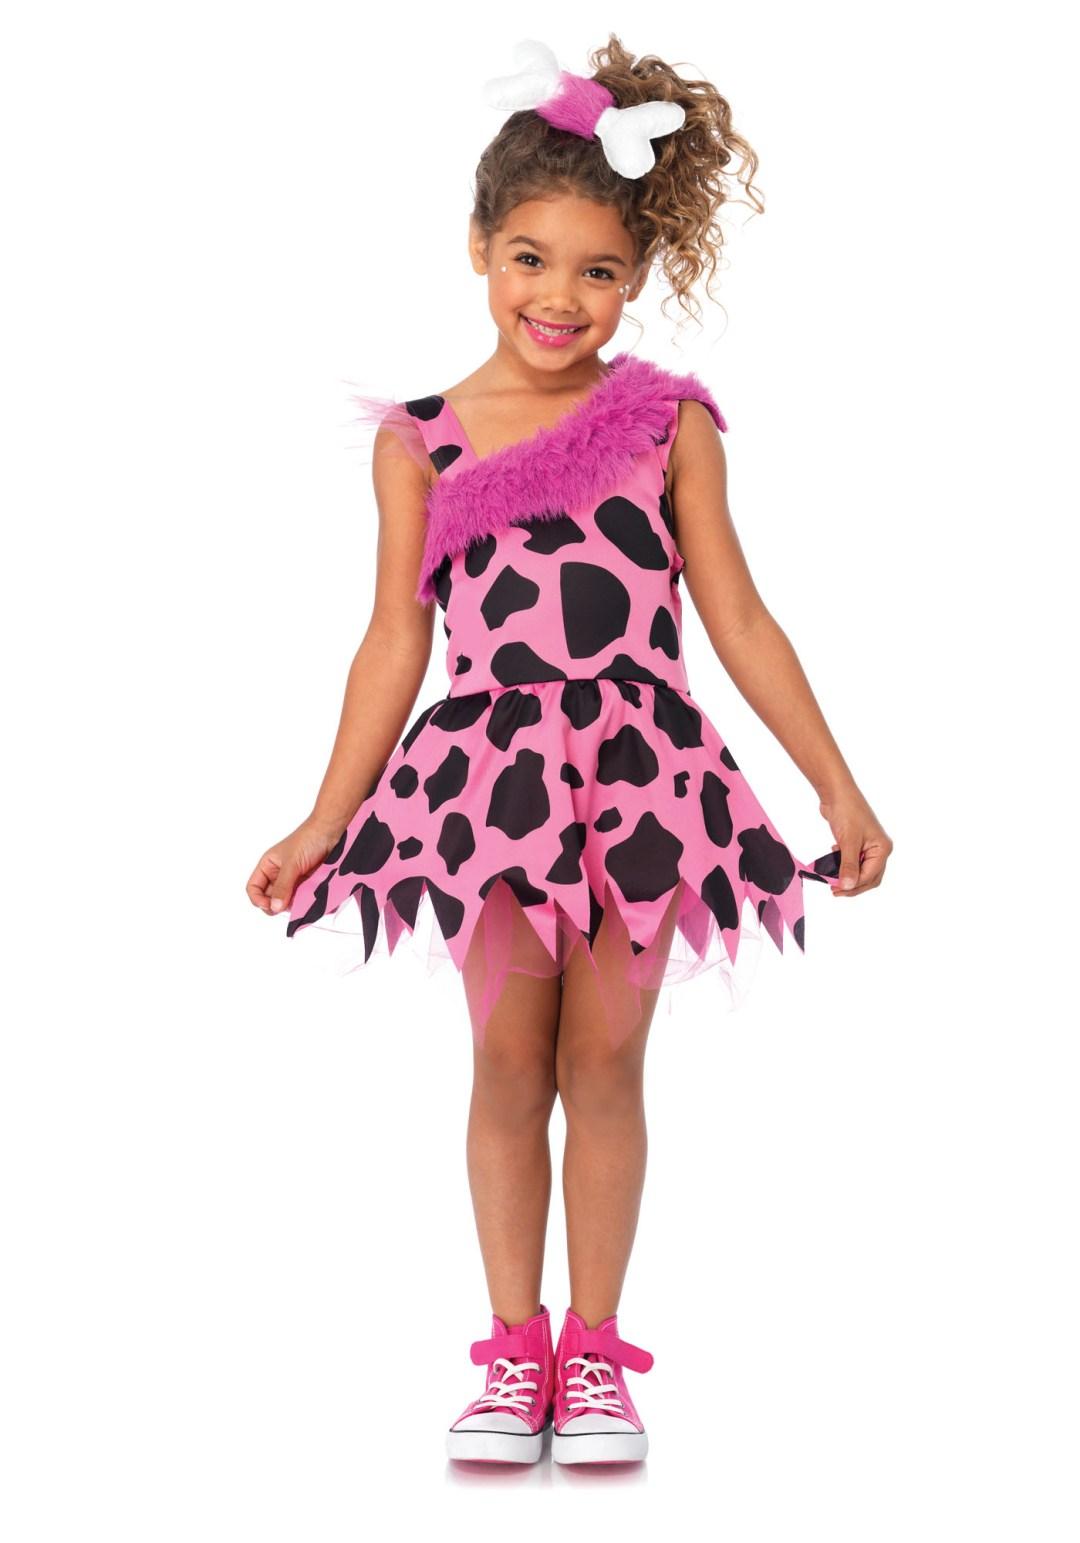 Inspiratie | Carnaval kostuums voor meisjes - Volgmama